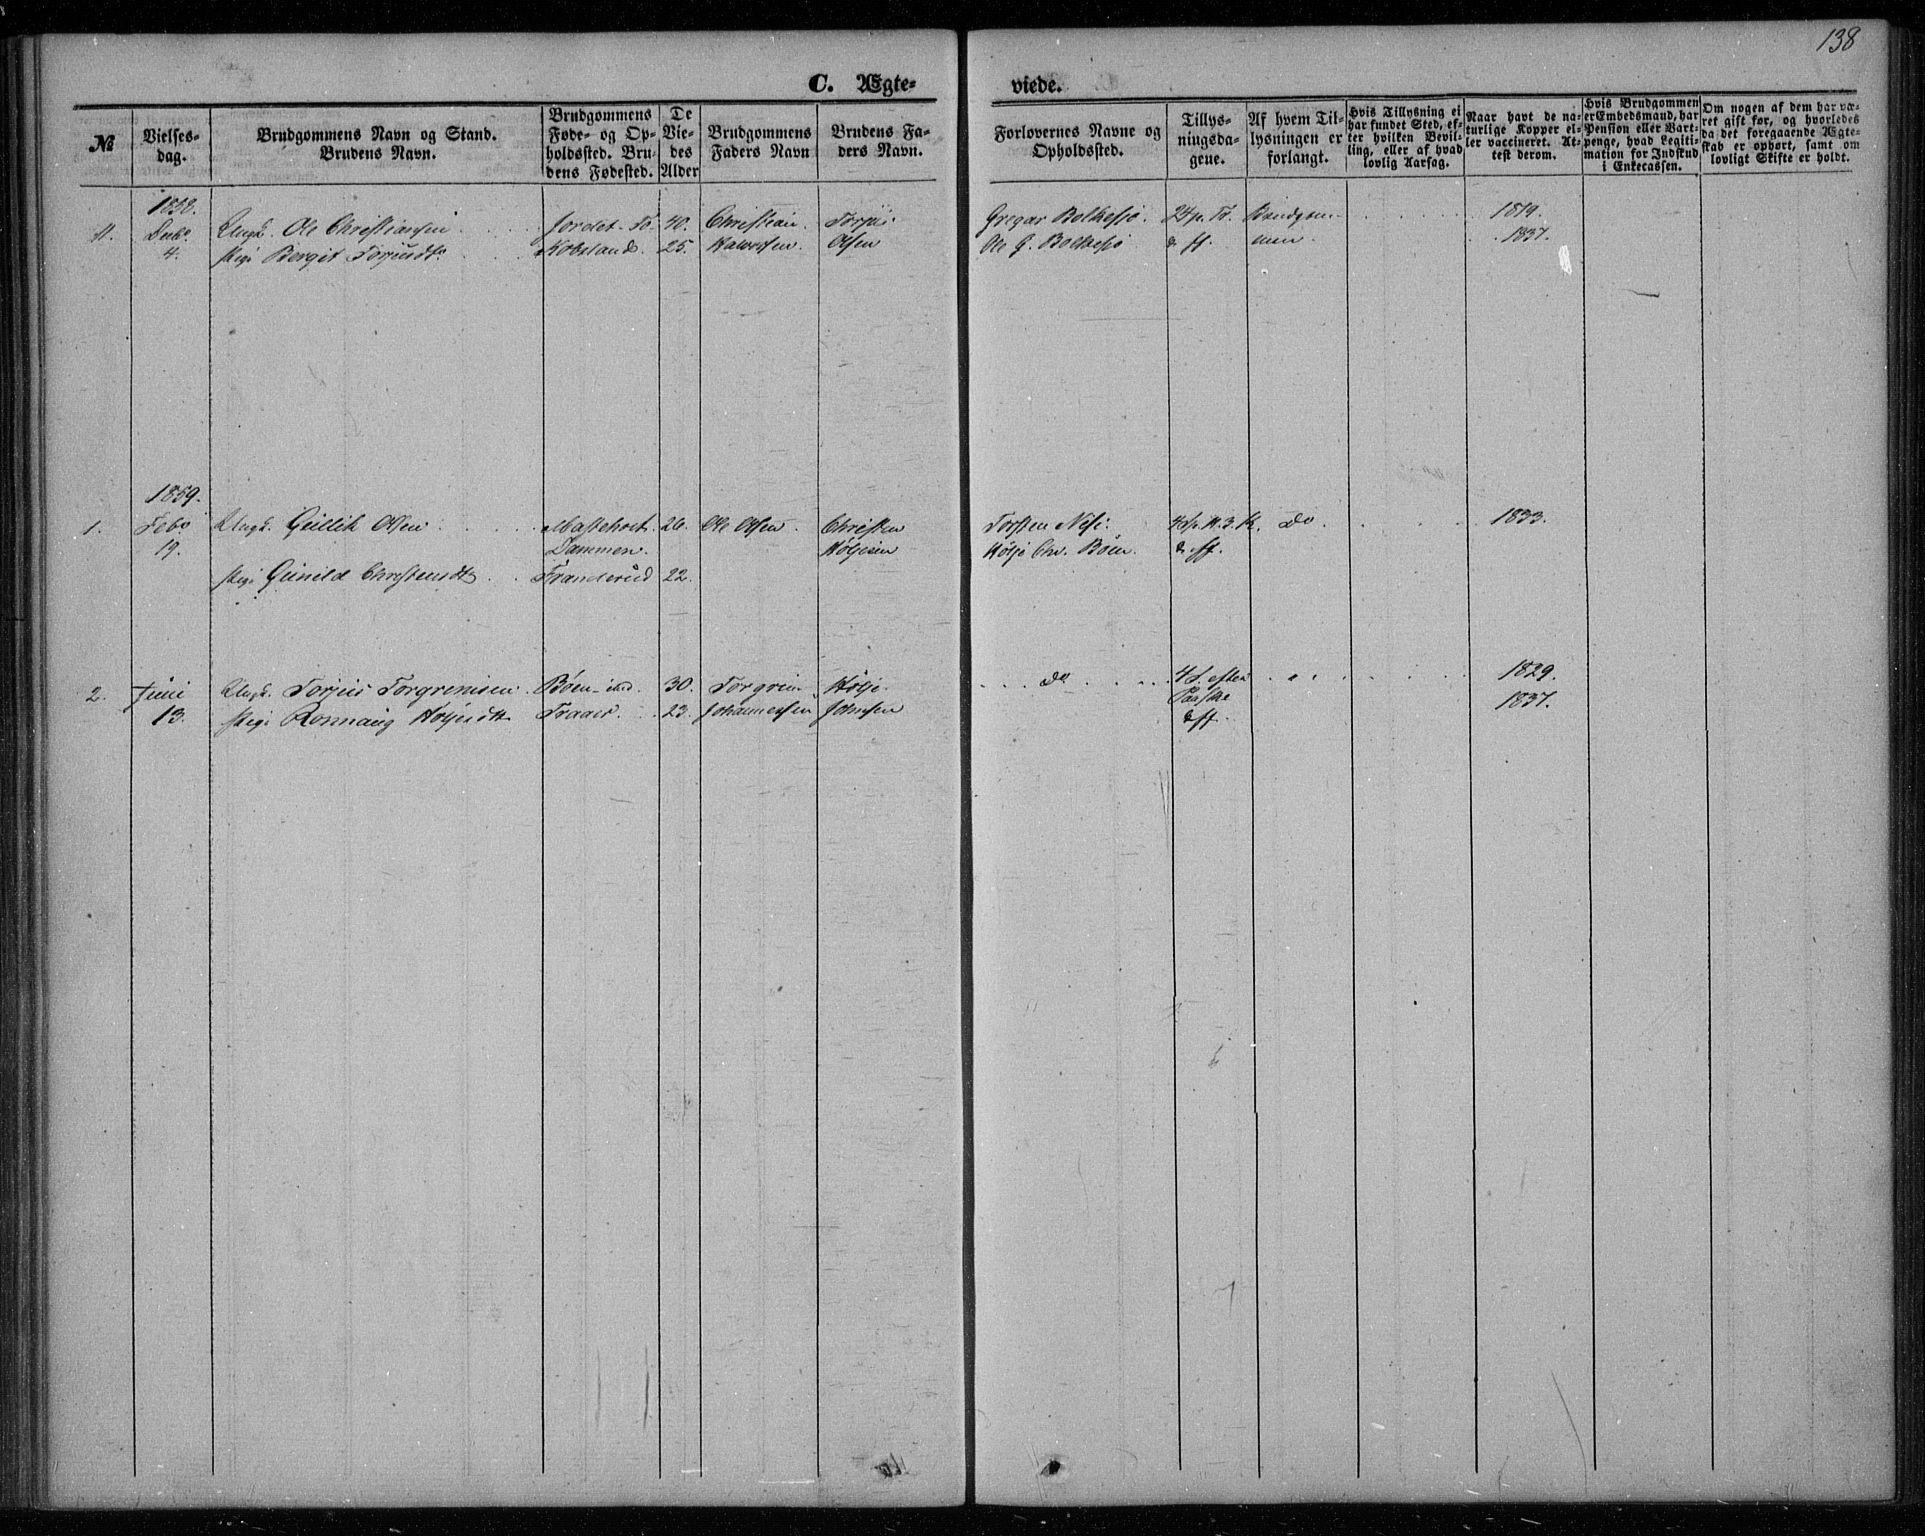 SAKO, Gransherad kirkebøker, F/Fa/L0002: Ministerialbok nr. I 2, 1844-1859, s. 138